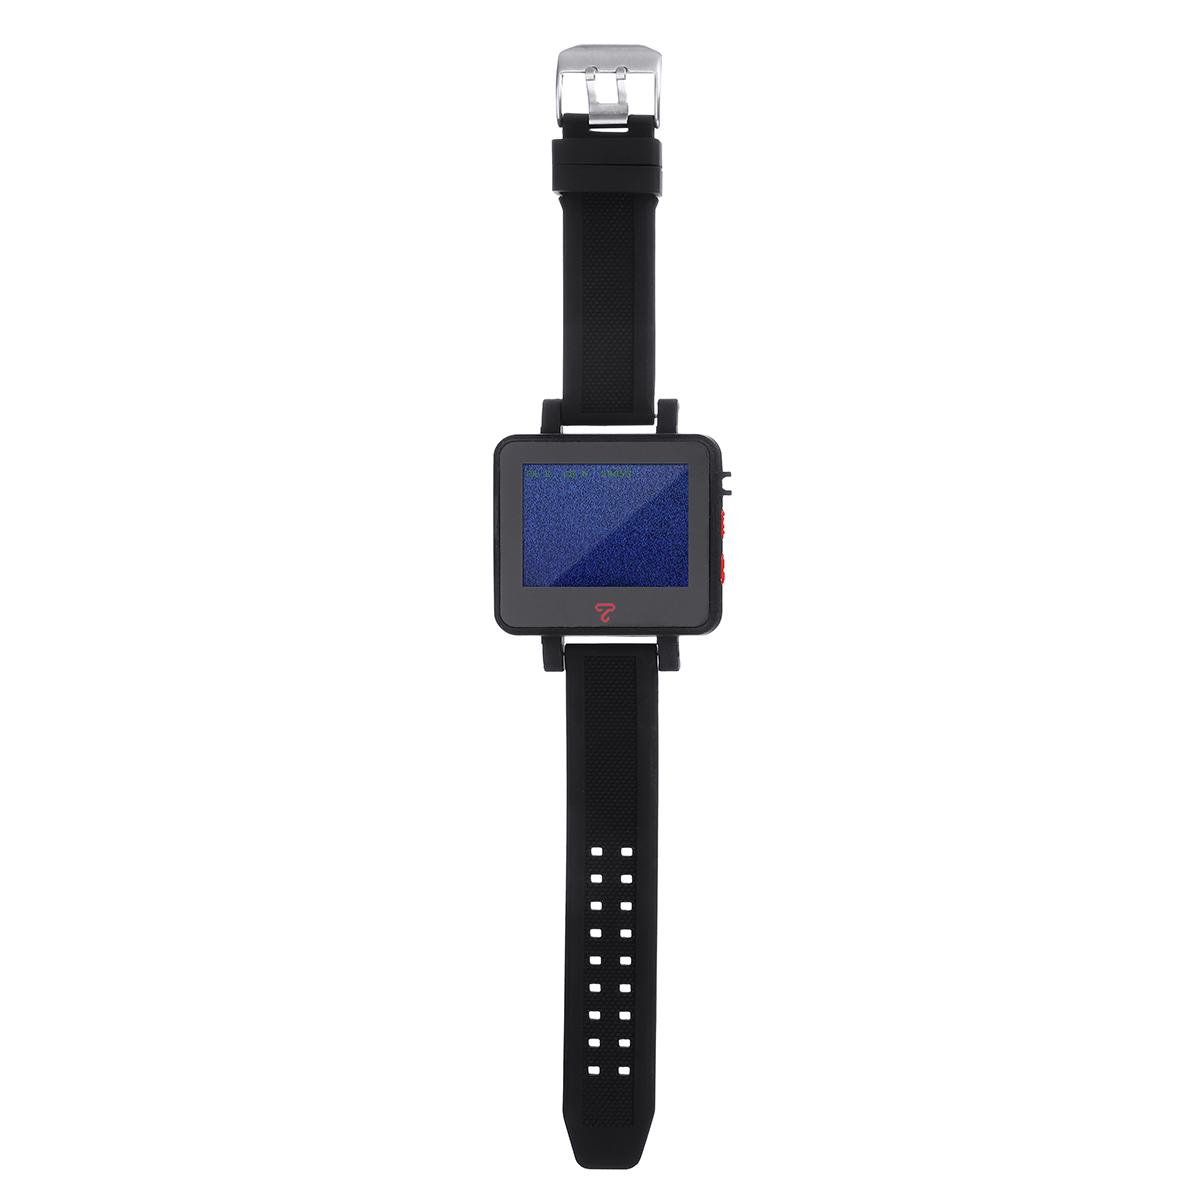 Рождественский пакет Topsky 2 дюймов 5.8Ghz 48CH FPV Часы Монитор Приемник OSD Встроенный Батарея MMCX для RC Дрон